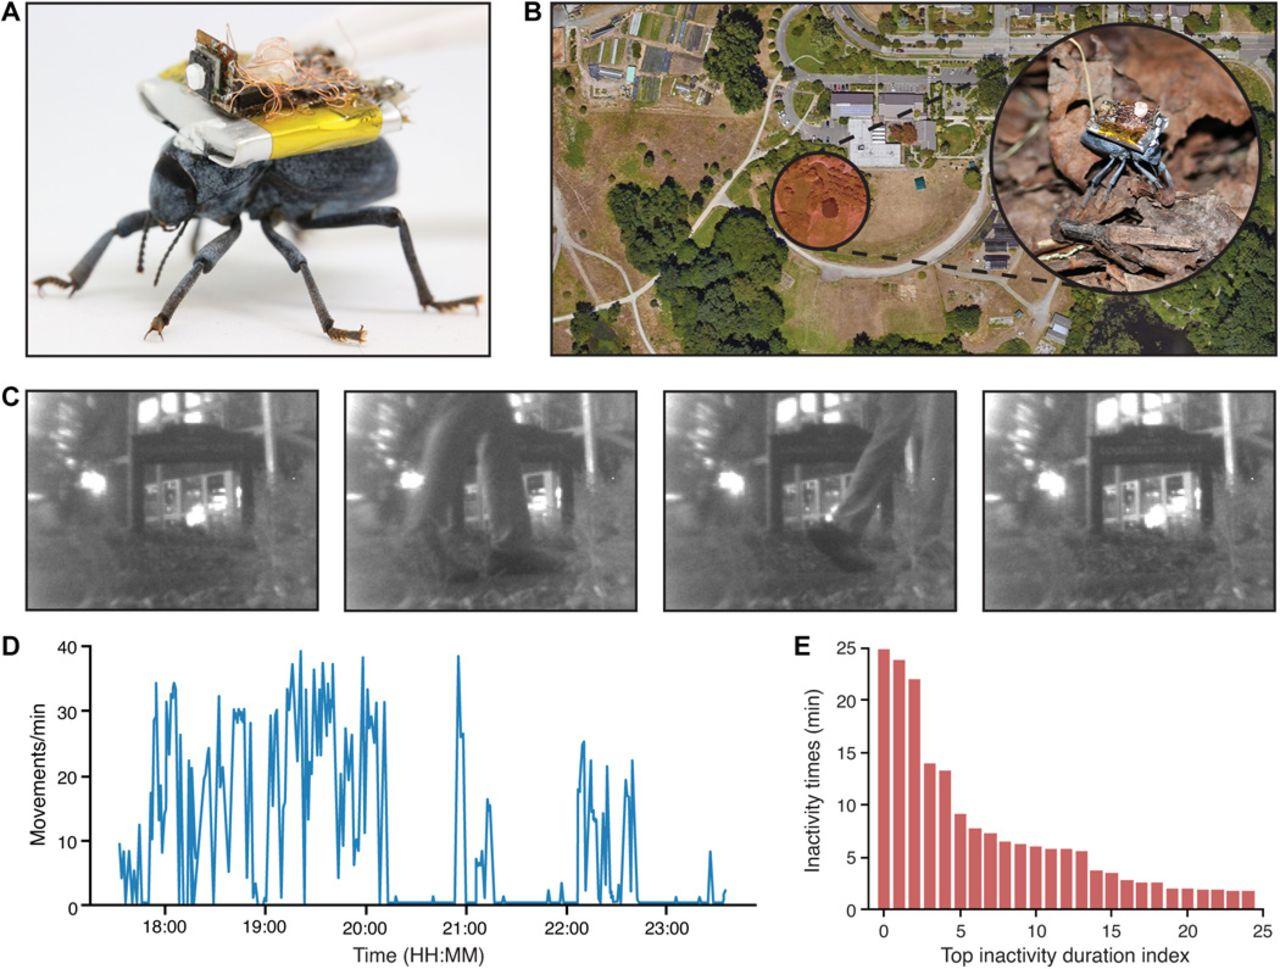 Будущее шпионажа. Беспроводная видеокамера на спине жука транслирует видео на 120 метров - 6